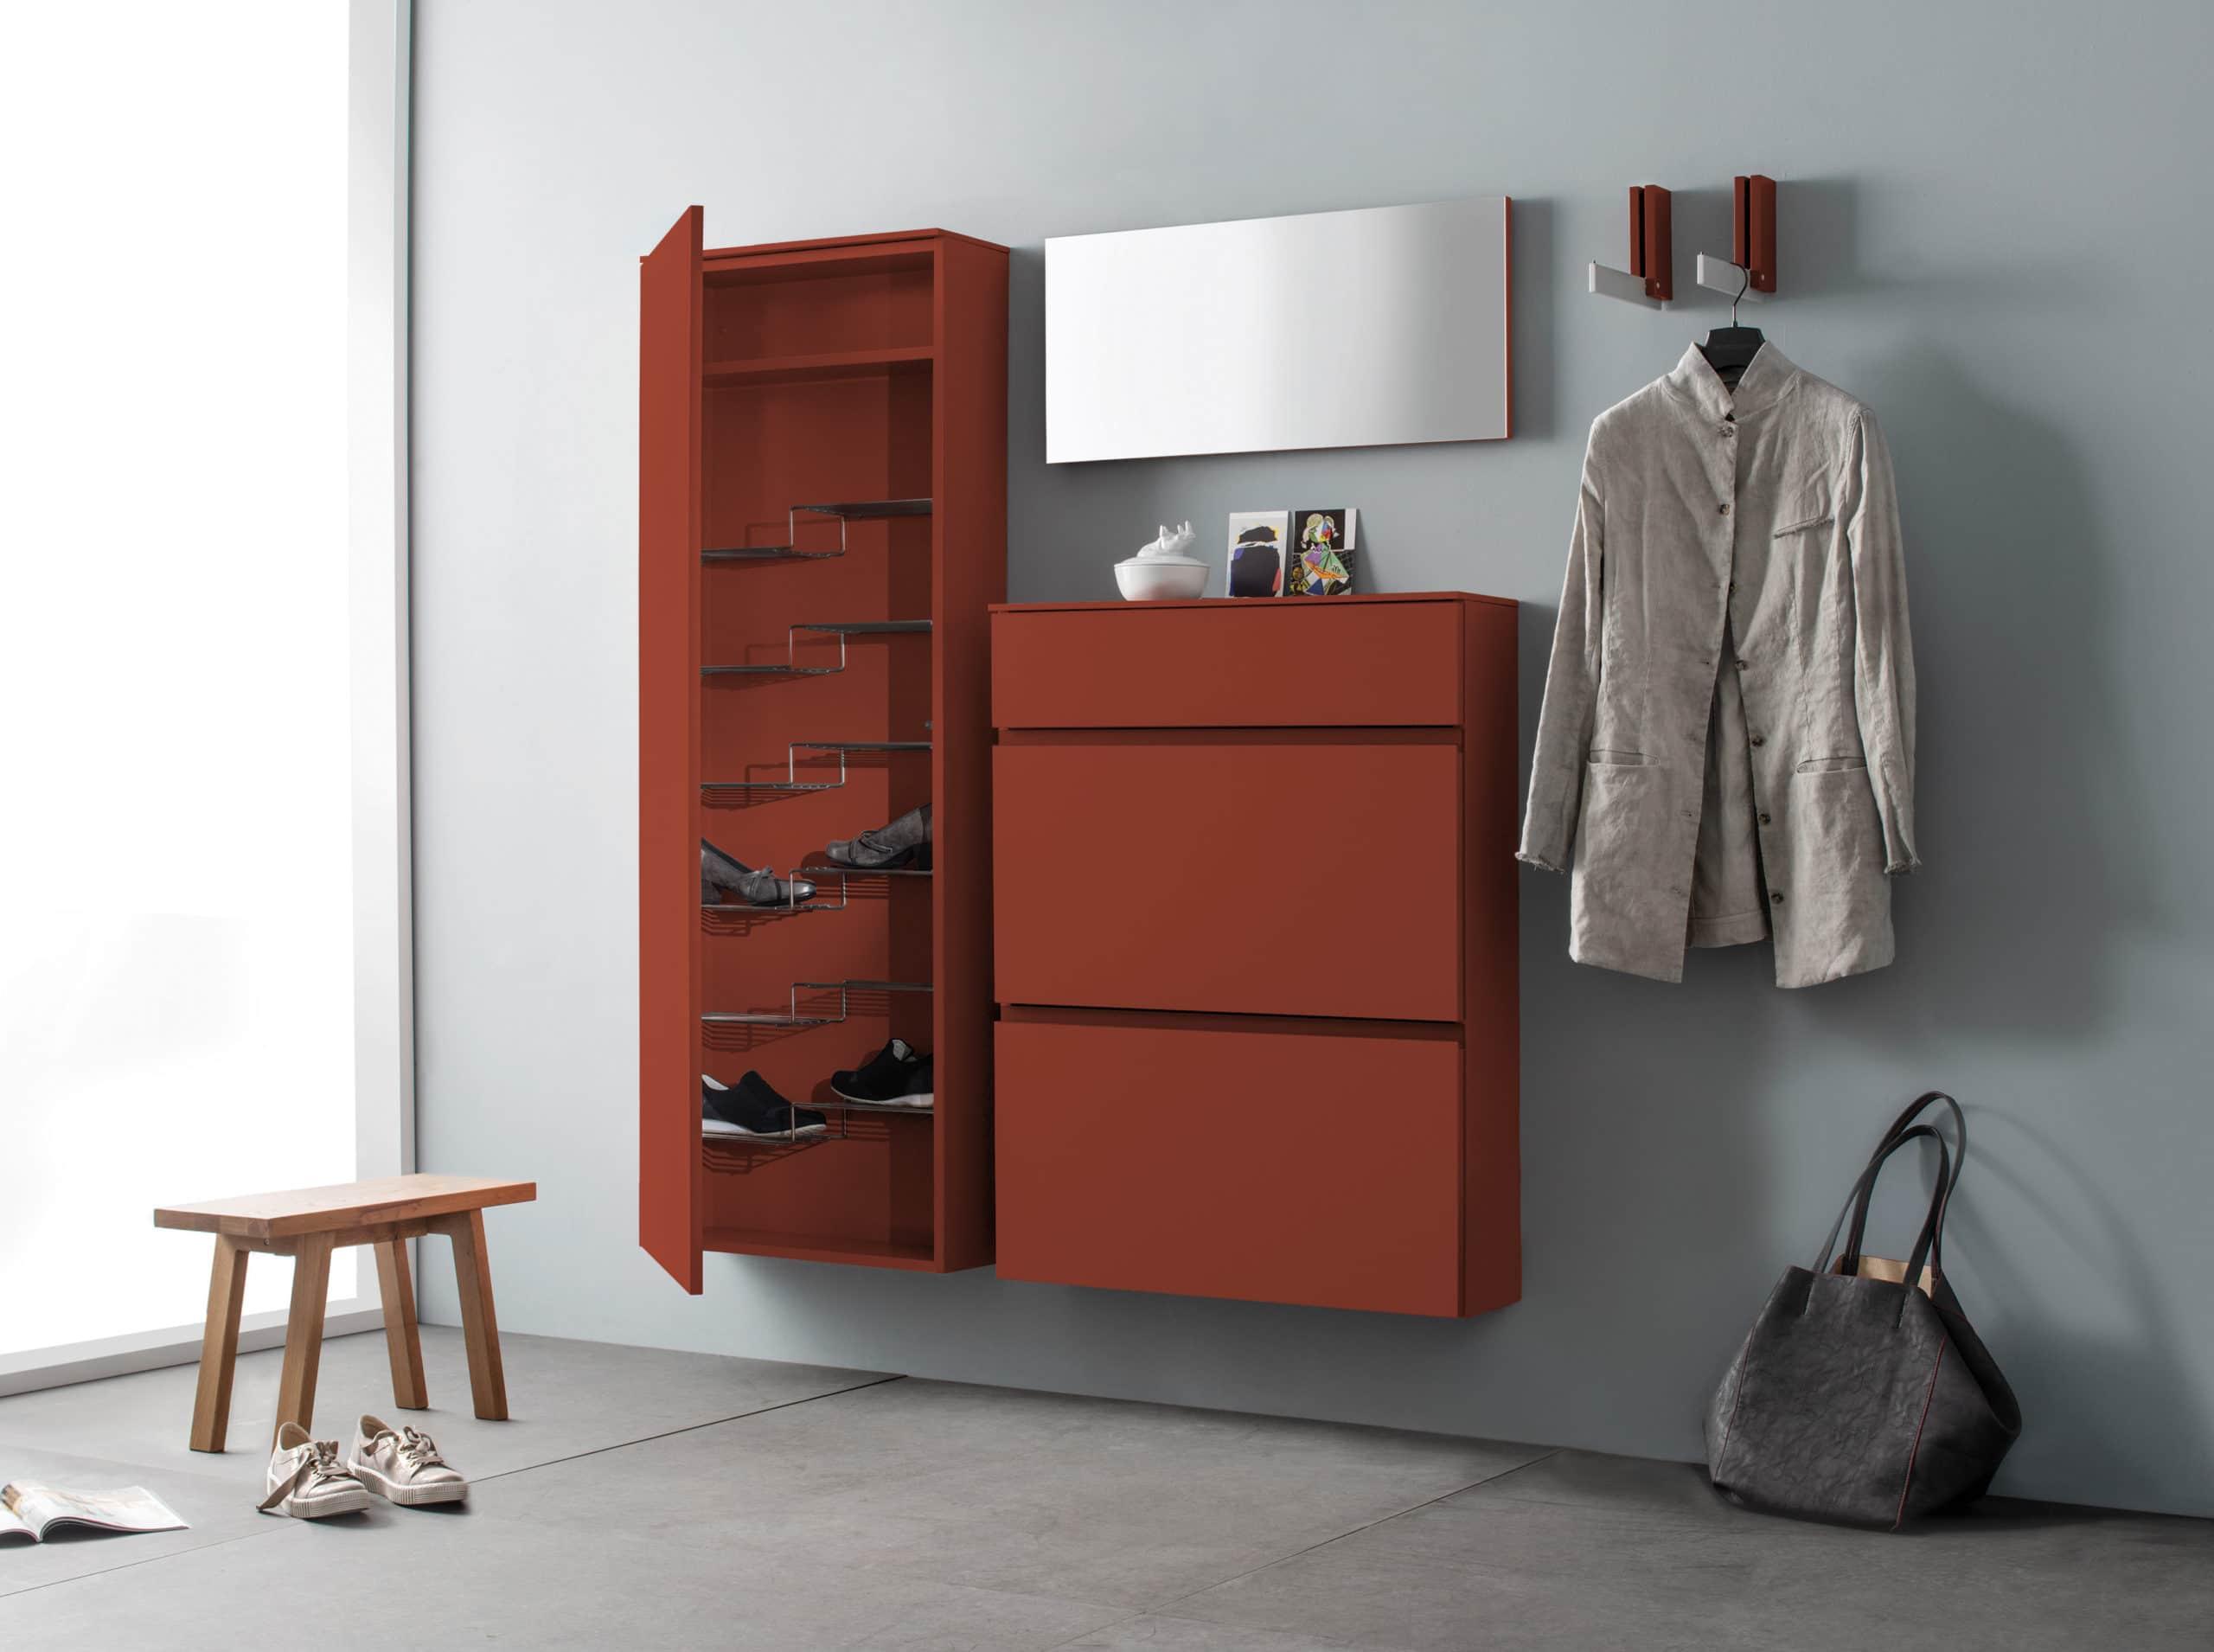 Sudbrock TANDO Garderobe No. 57 in der Ausführung Lack-indisch-rot #477